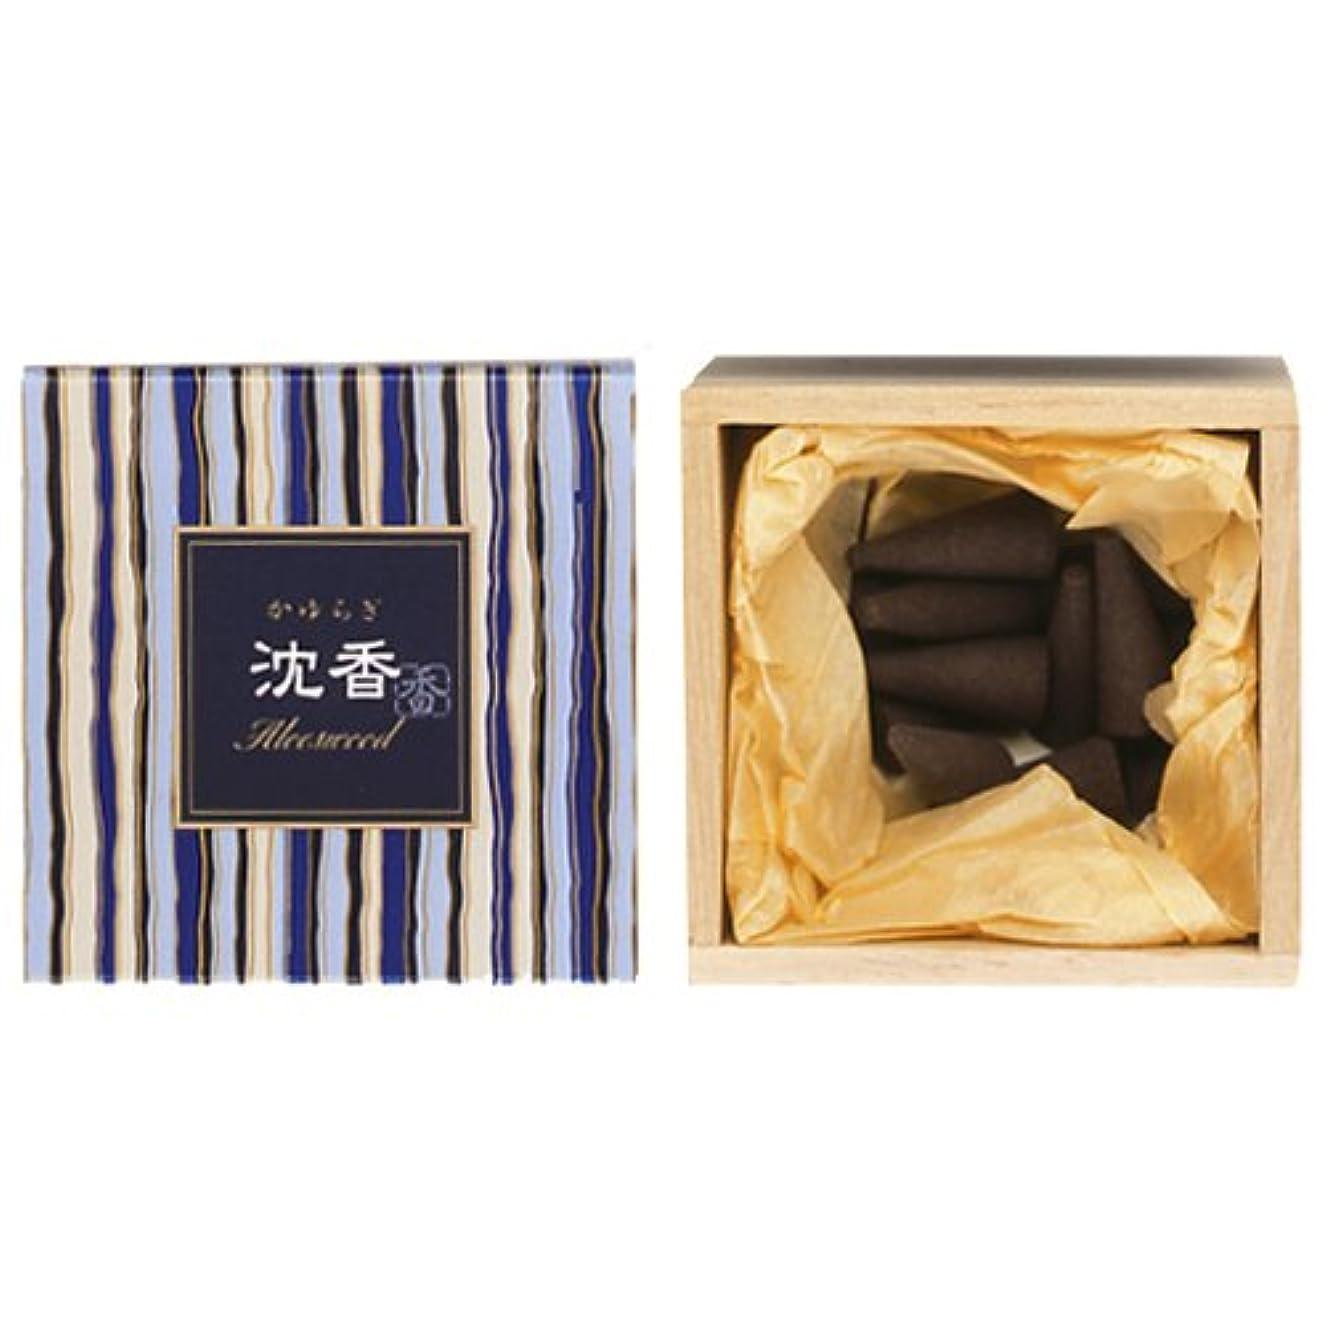 値告発公式日本香道  かゆらぎ 沈香 12個入り コーン形